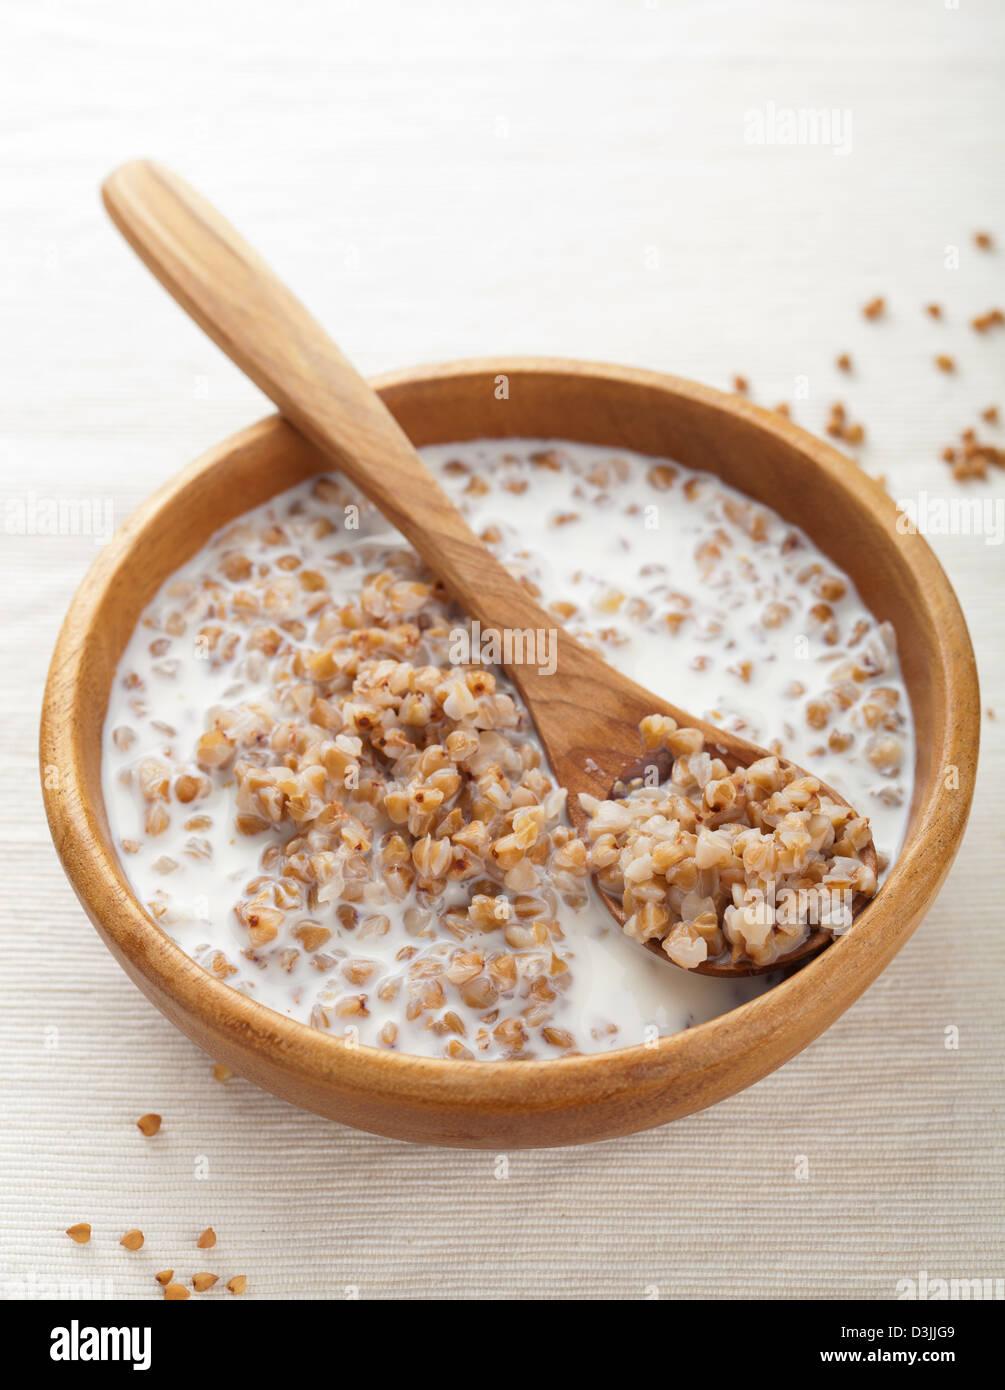 buckwheat groats with milk - Stock Image